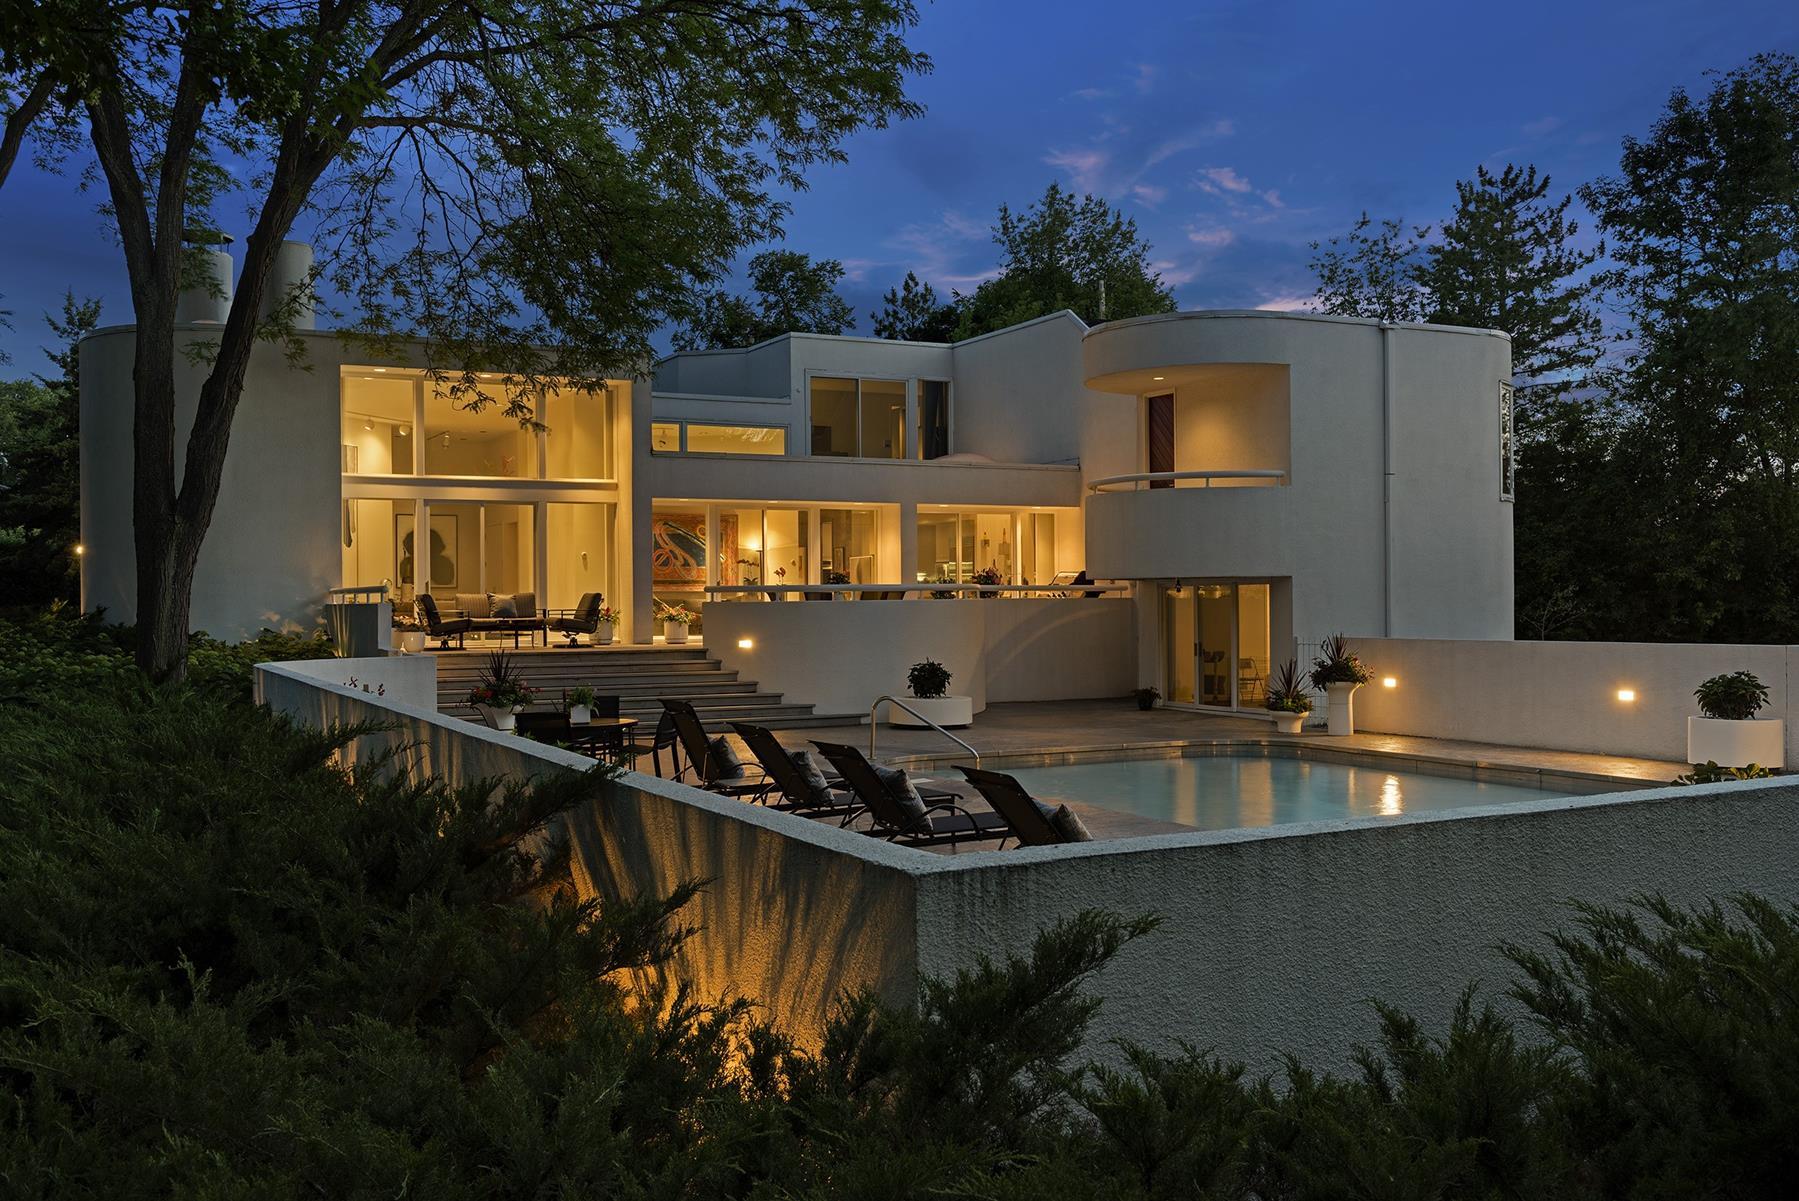 Einfamilienhaus für Verkauf beim 18 Merilane Ave 18 Merilane Avenue Edina, Minnesota, 55436 Vereinigte Staaten